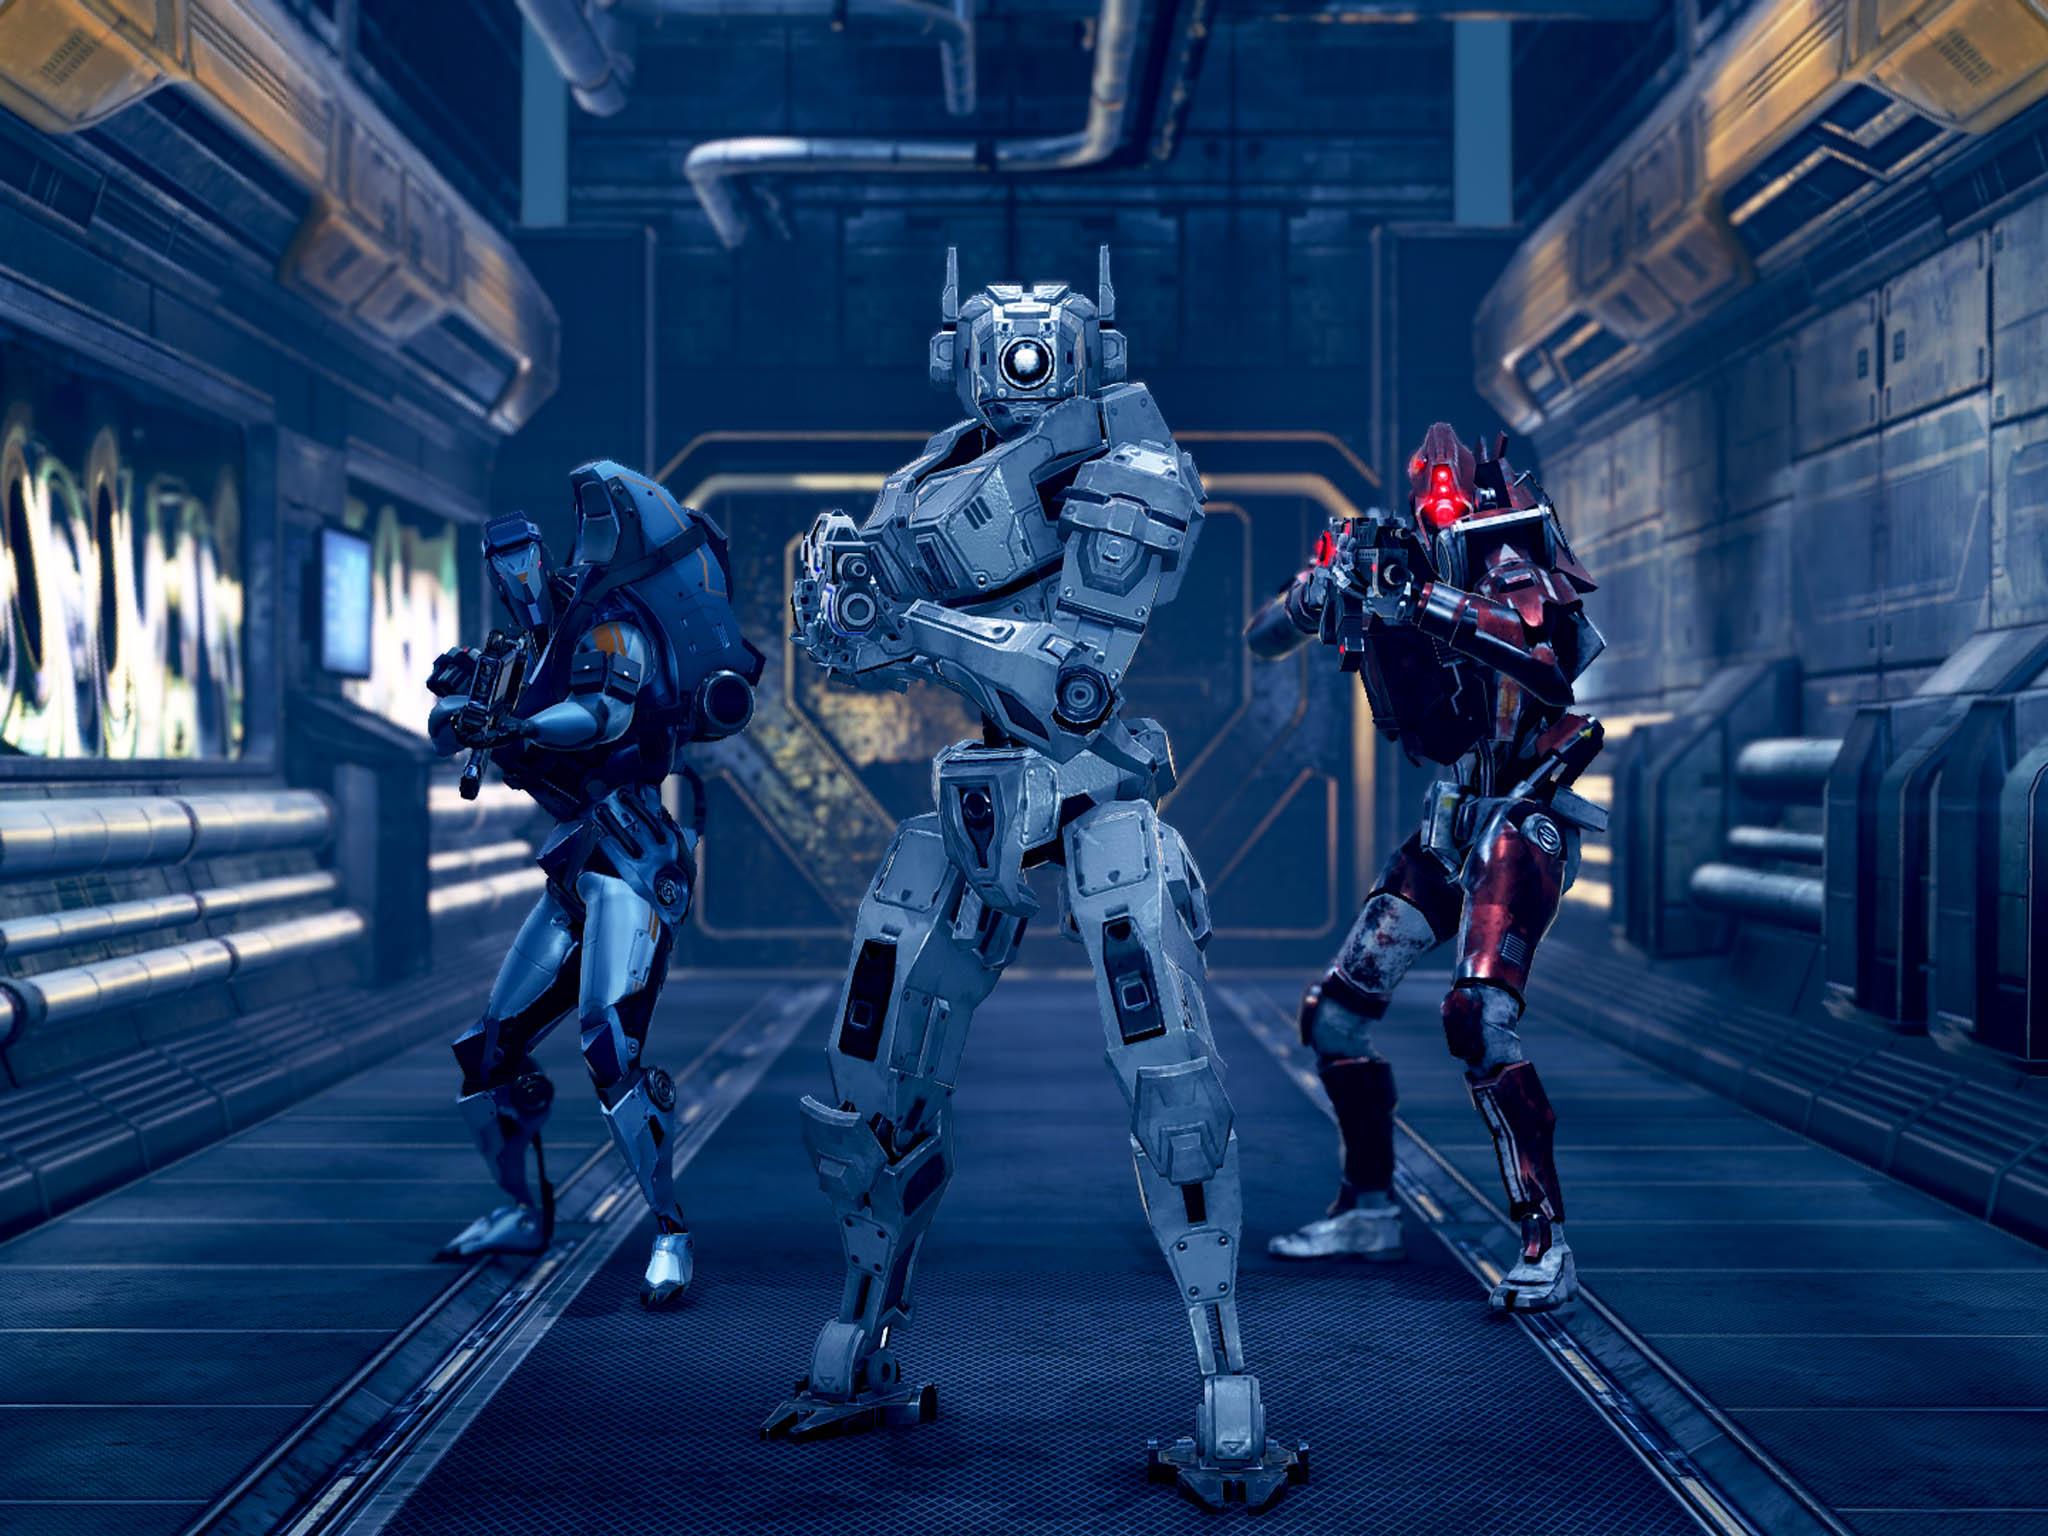 Futuristická hra Conglomerate 451 dává prostor rozehrát taktické bitvy istrategické plány, ovšem jenom na PC.